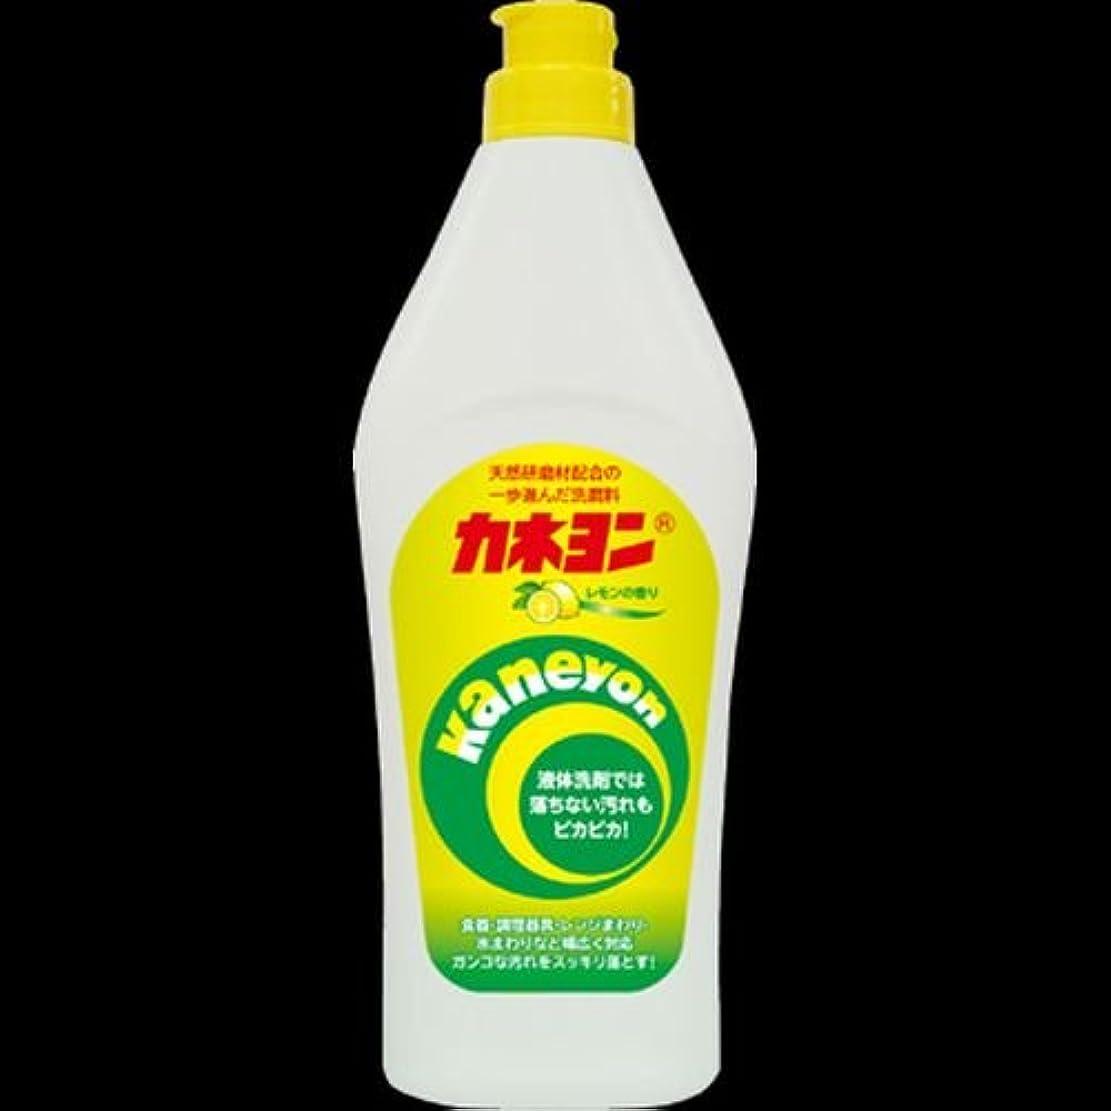 耐えられるわかるインスタンス【まとめ買い】カネヨ石鹸 カネヨンレモン 550g ×2セット